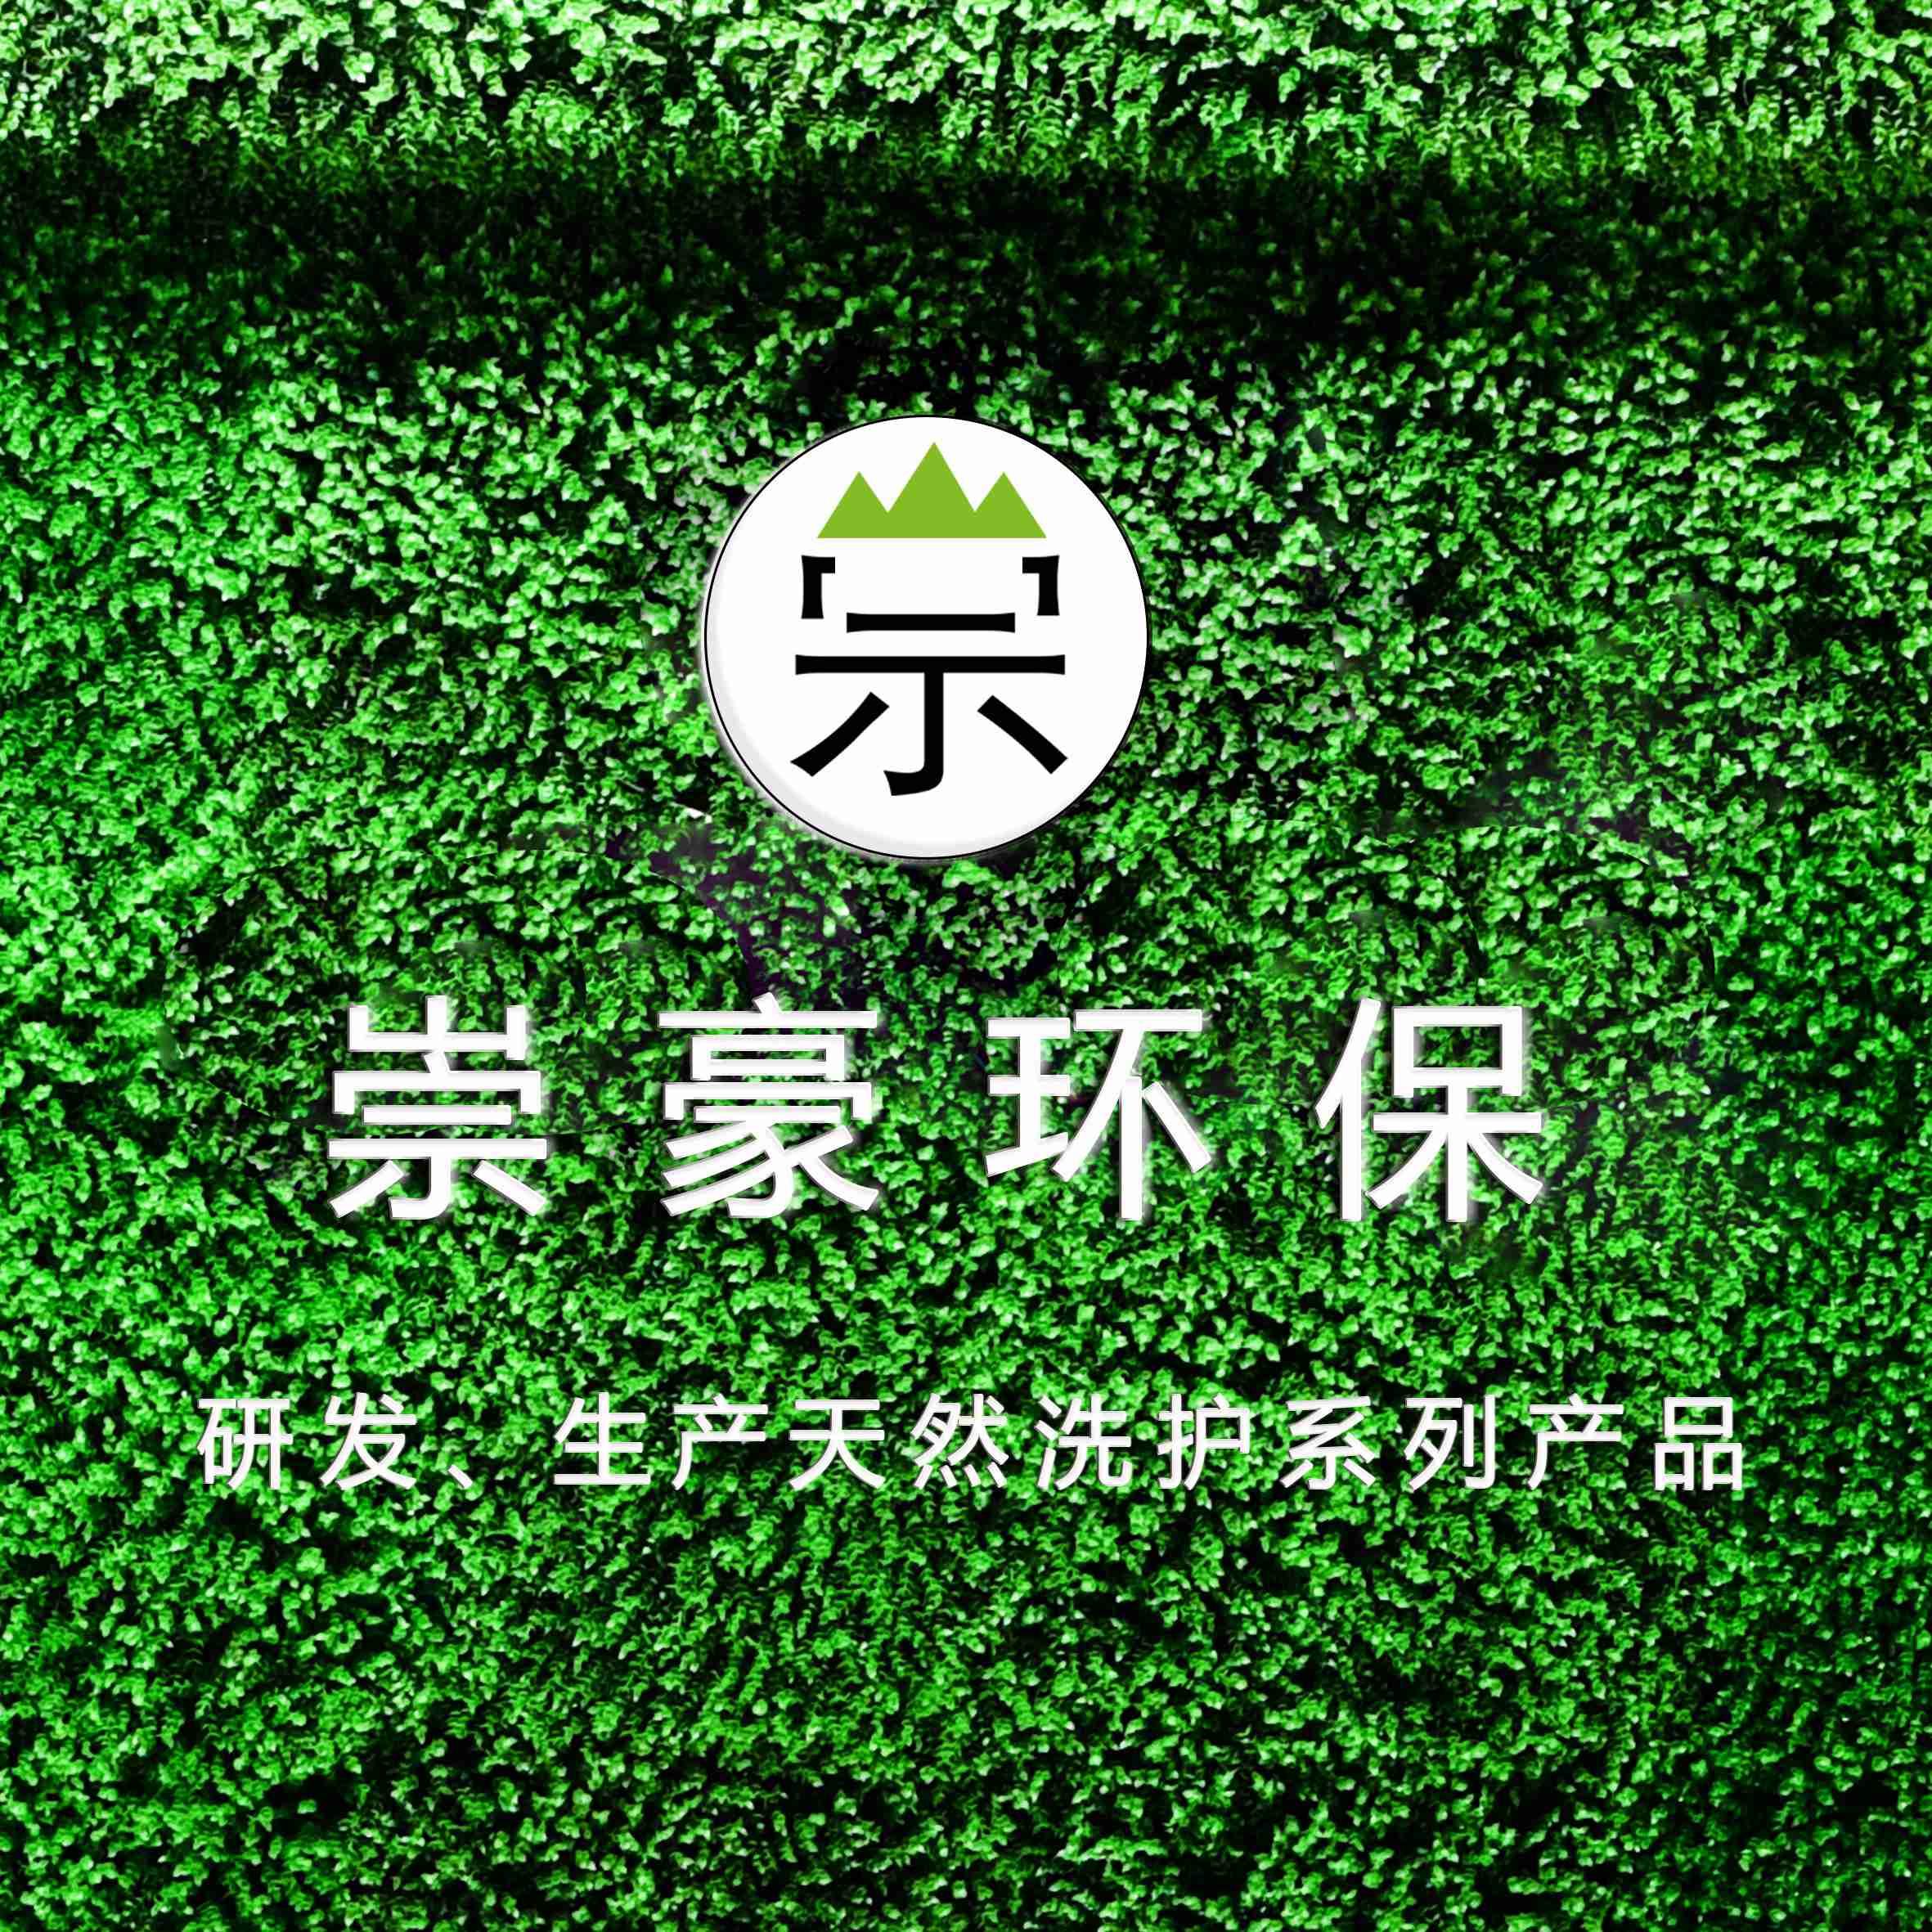 廣州崇豪環保科技有限公司